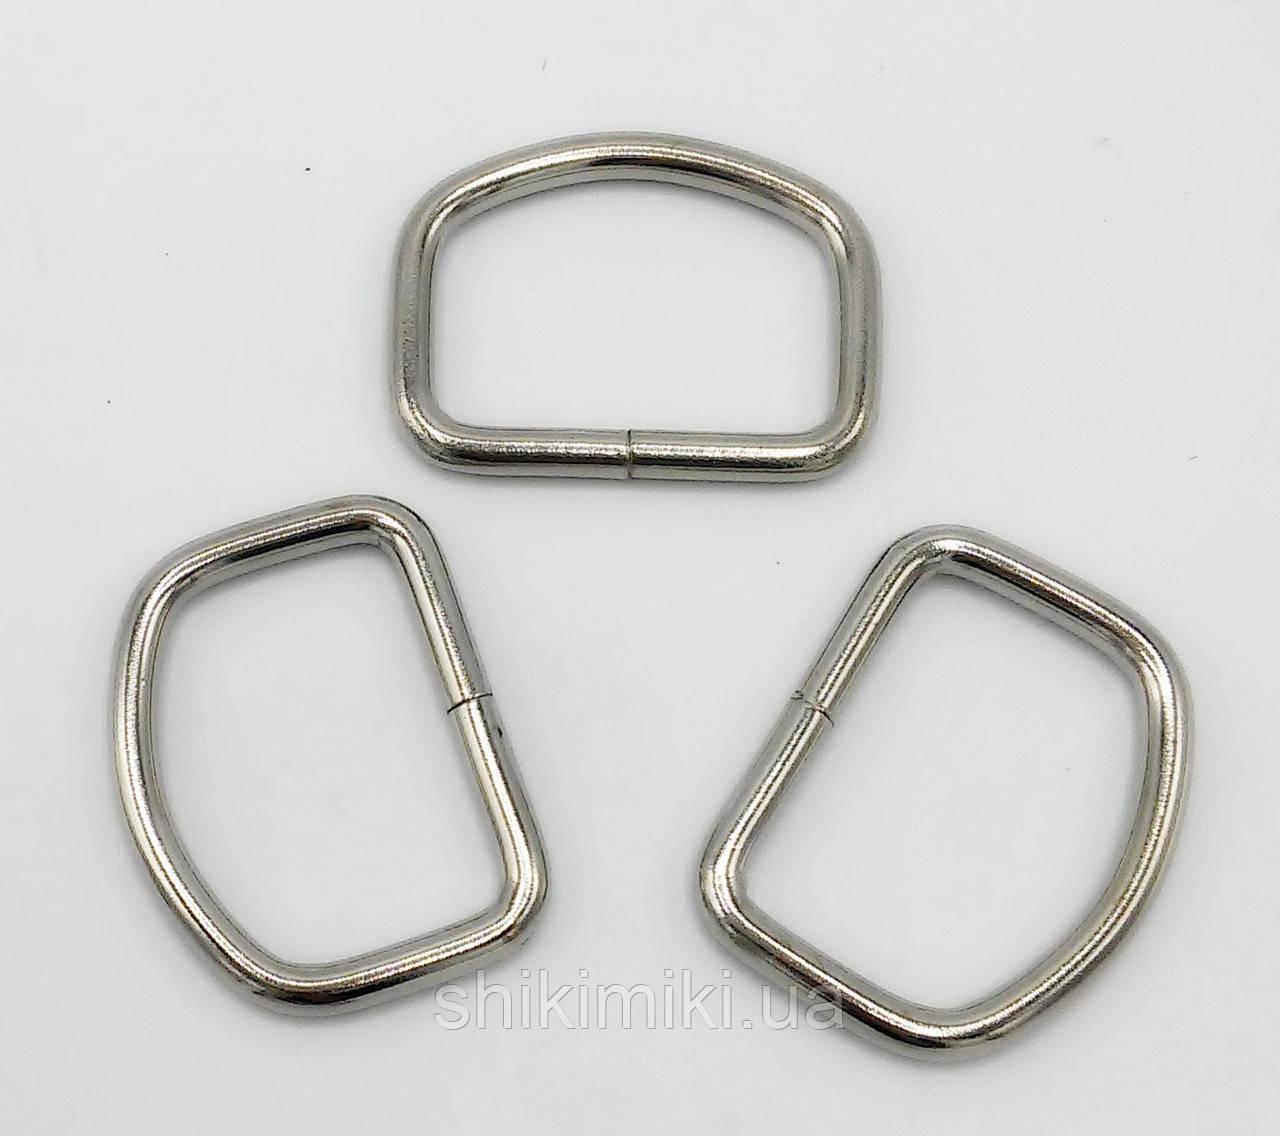 Полукольцо для сумки PK19-1 (35 мм), цвет никель